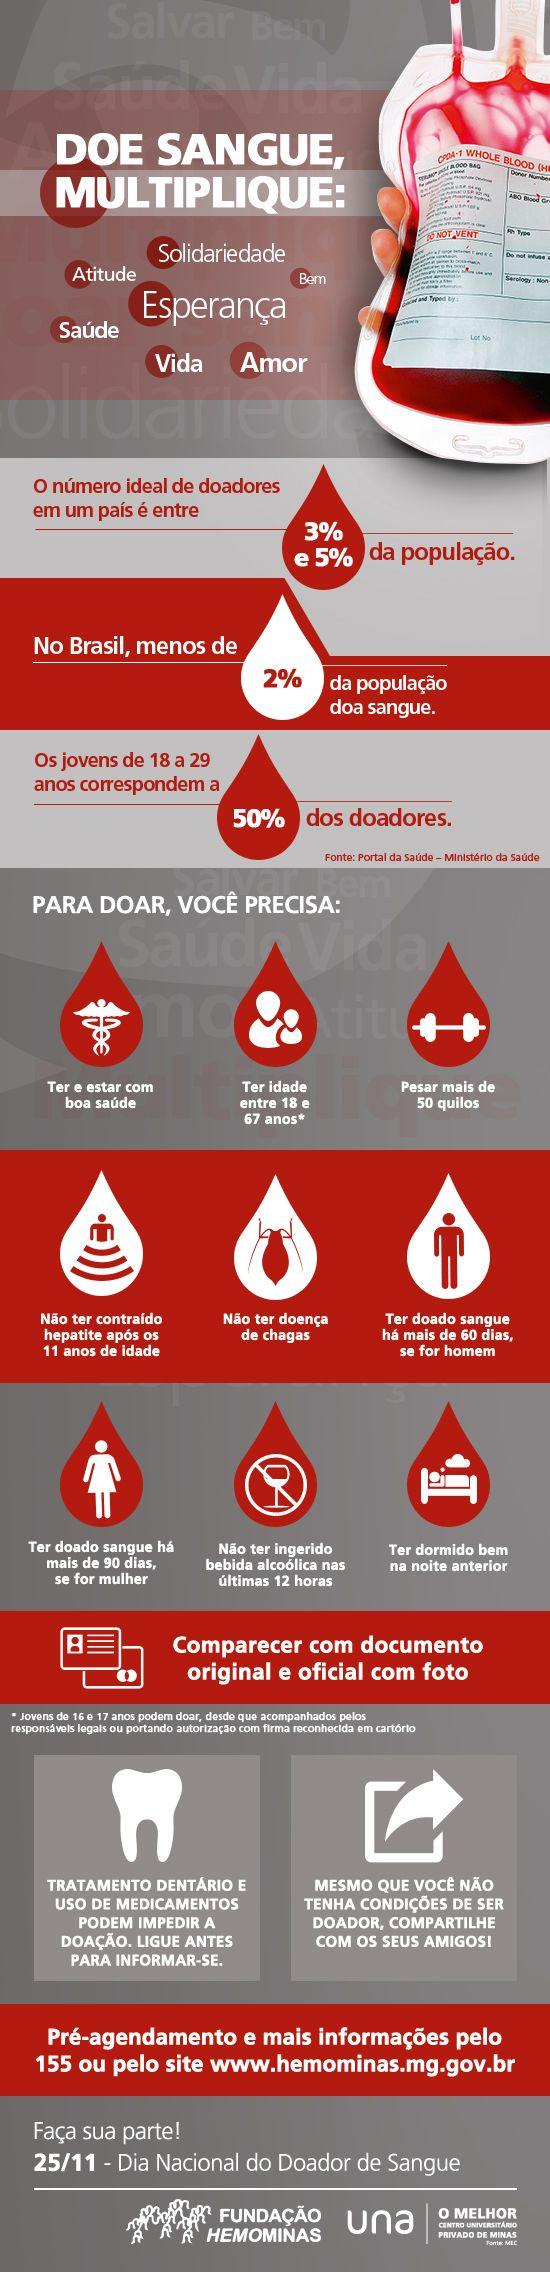 Um infográfico que salva vidas | Mídias Sociais